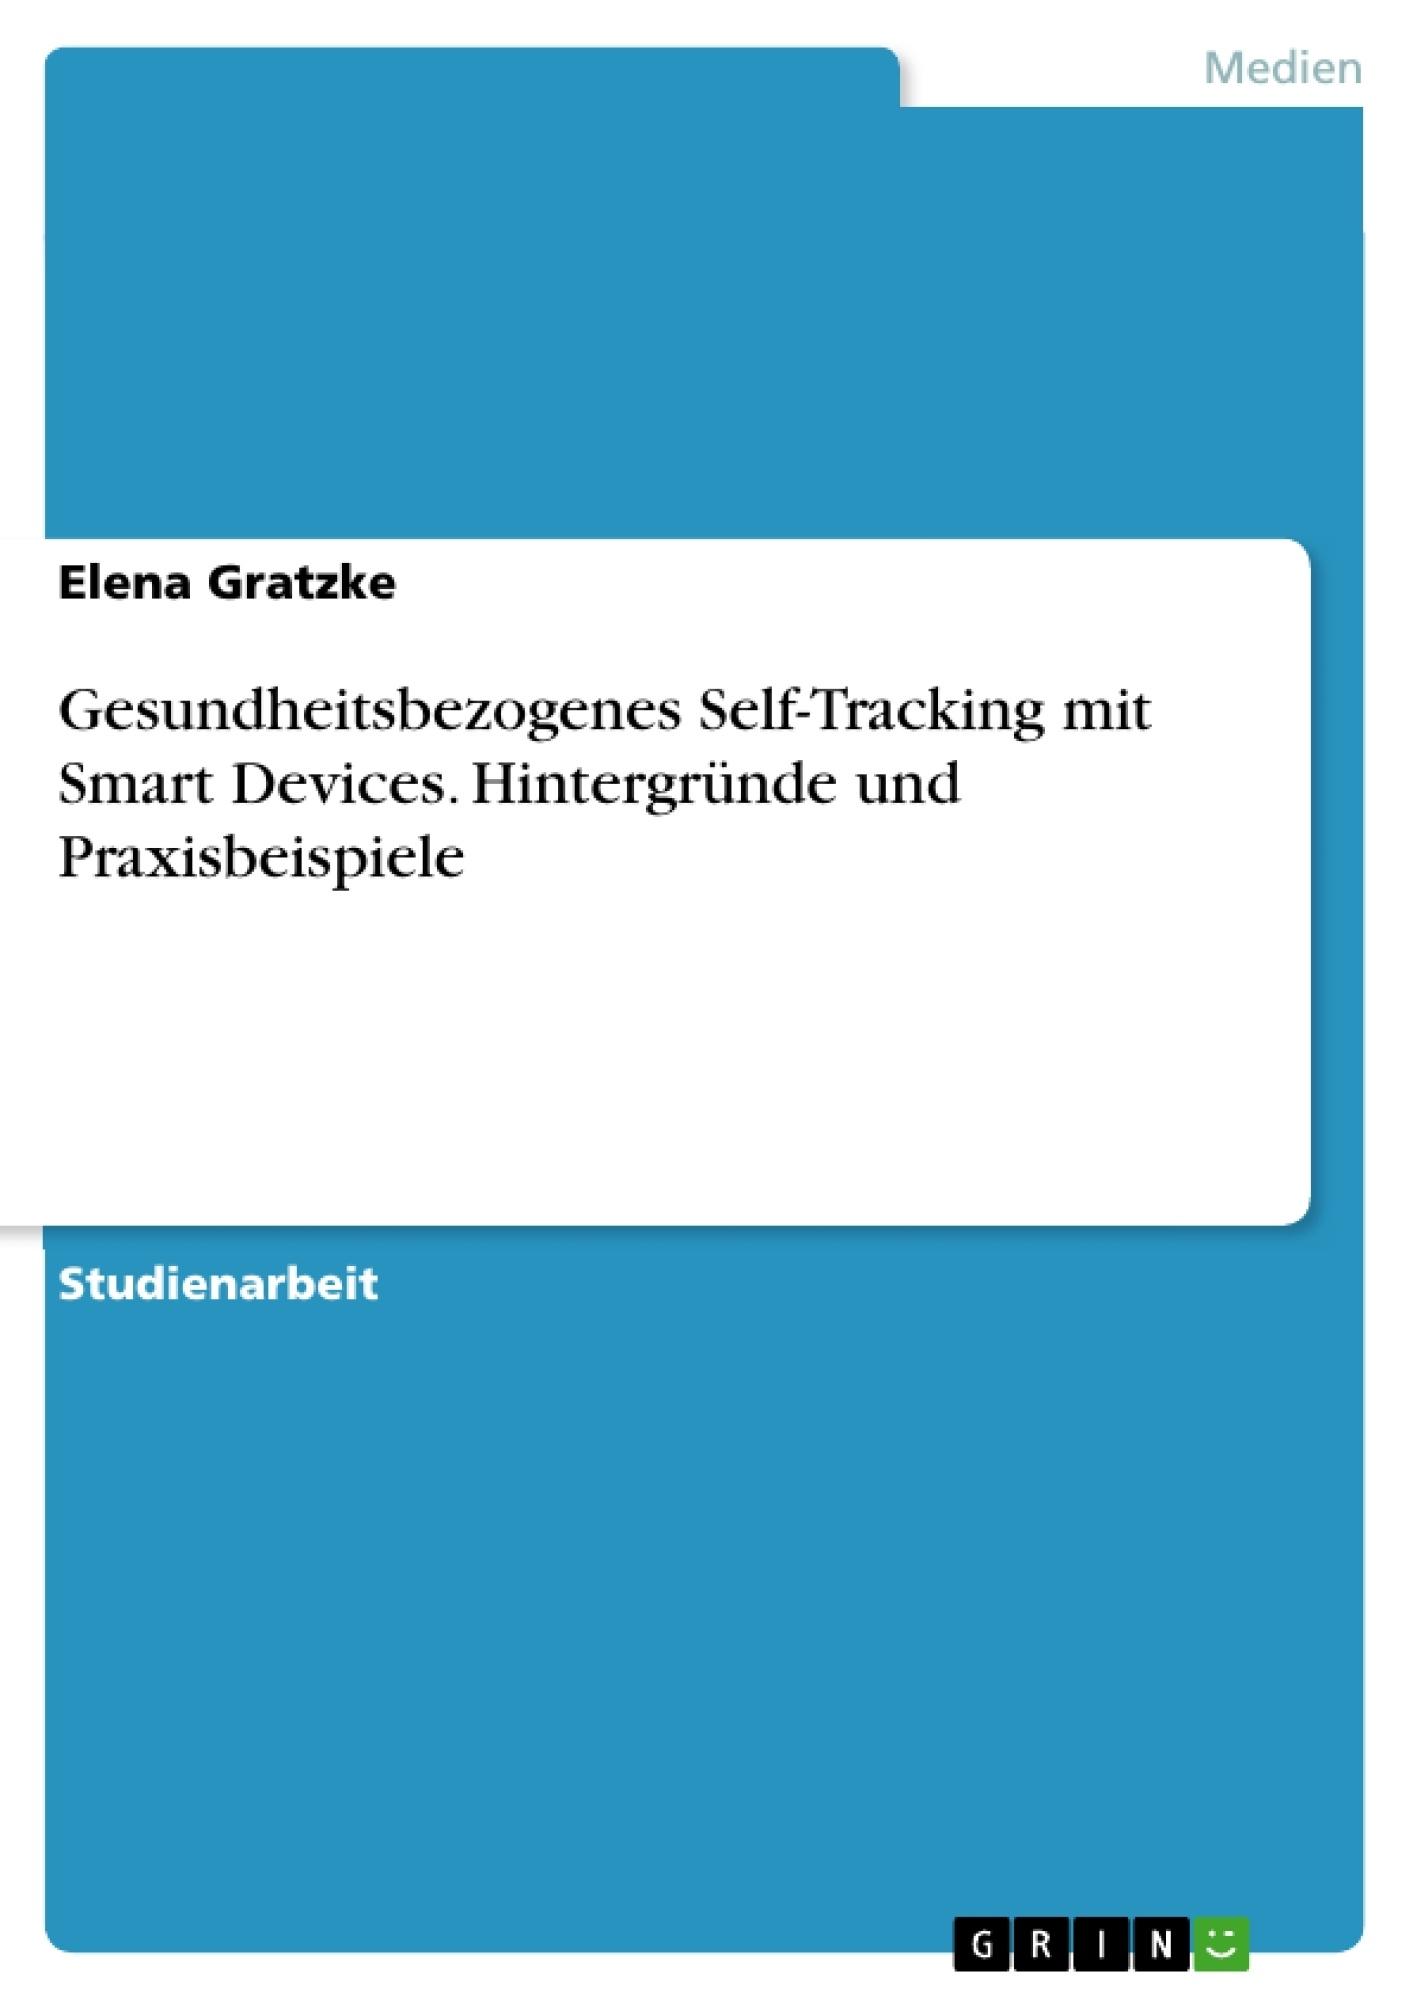 Titel: Gesundheitsbezogenes Self-Tracking mit Smart Devices. Hintergründe und Praxisbeispiele